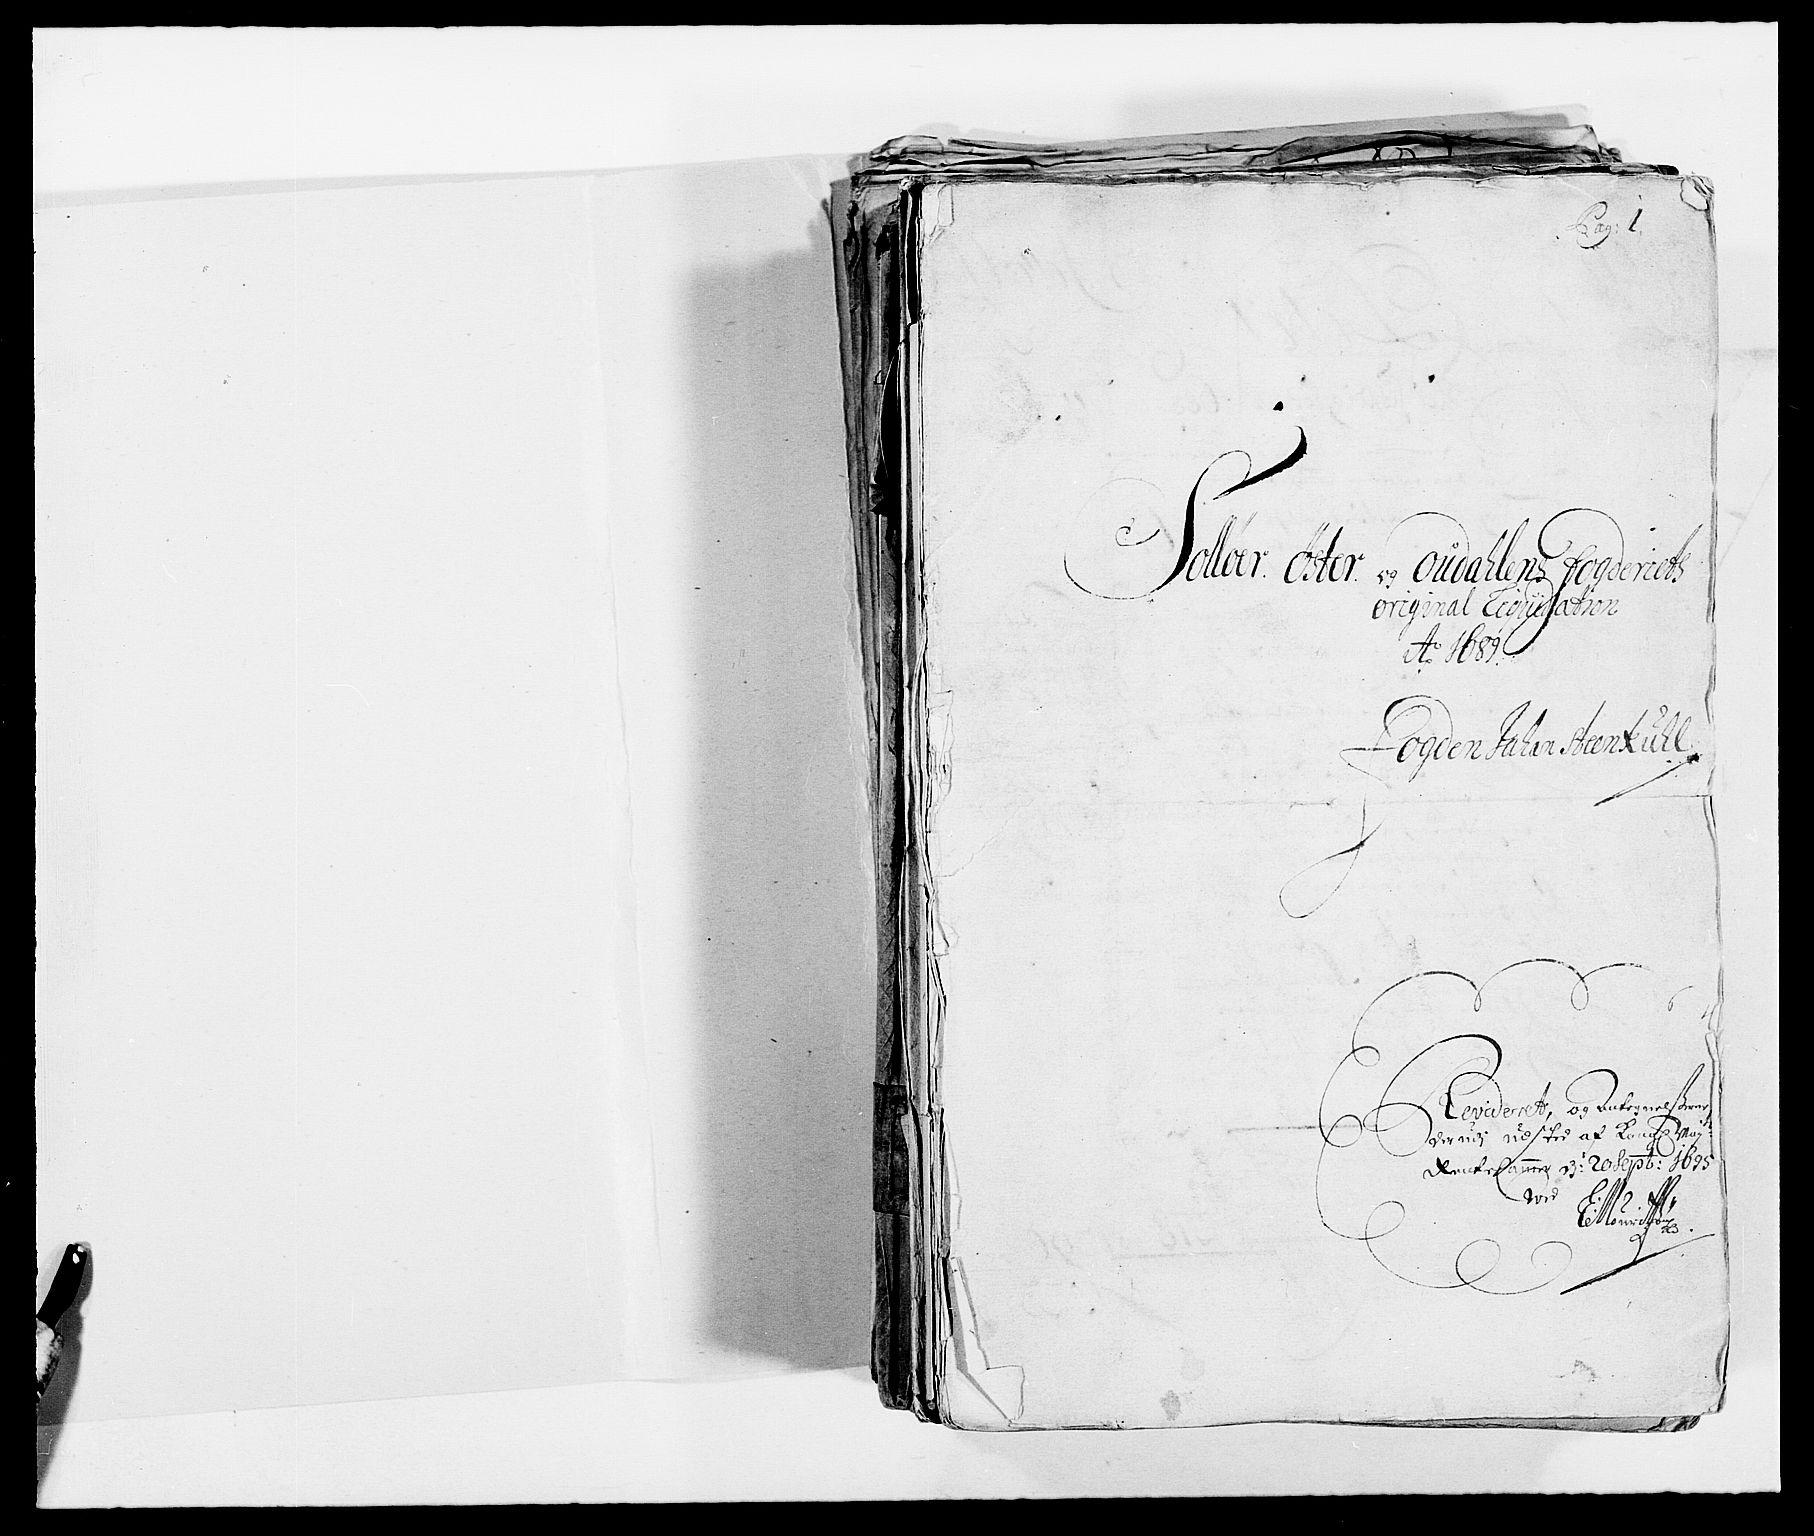 RA, Rentekammeret inntil 1814, Reviderte regnskaper, Fogderegnskap, R13/L0827: Fogderegnskap Solør, Odal og Østerdal, 1689, s. 19